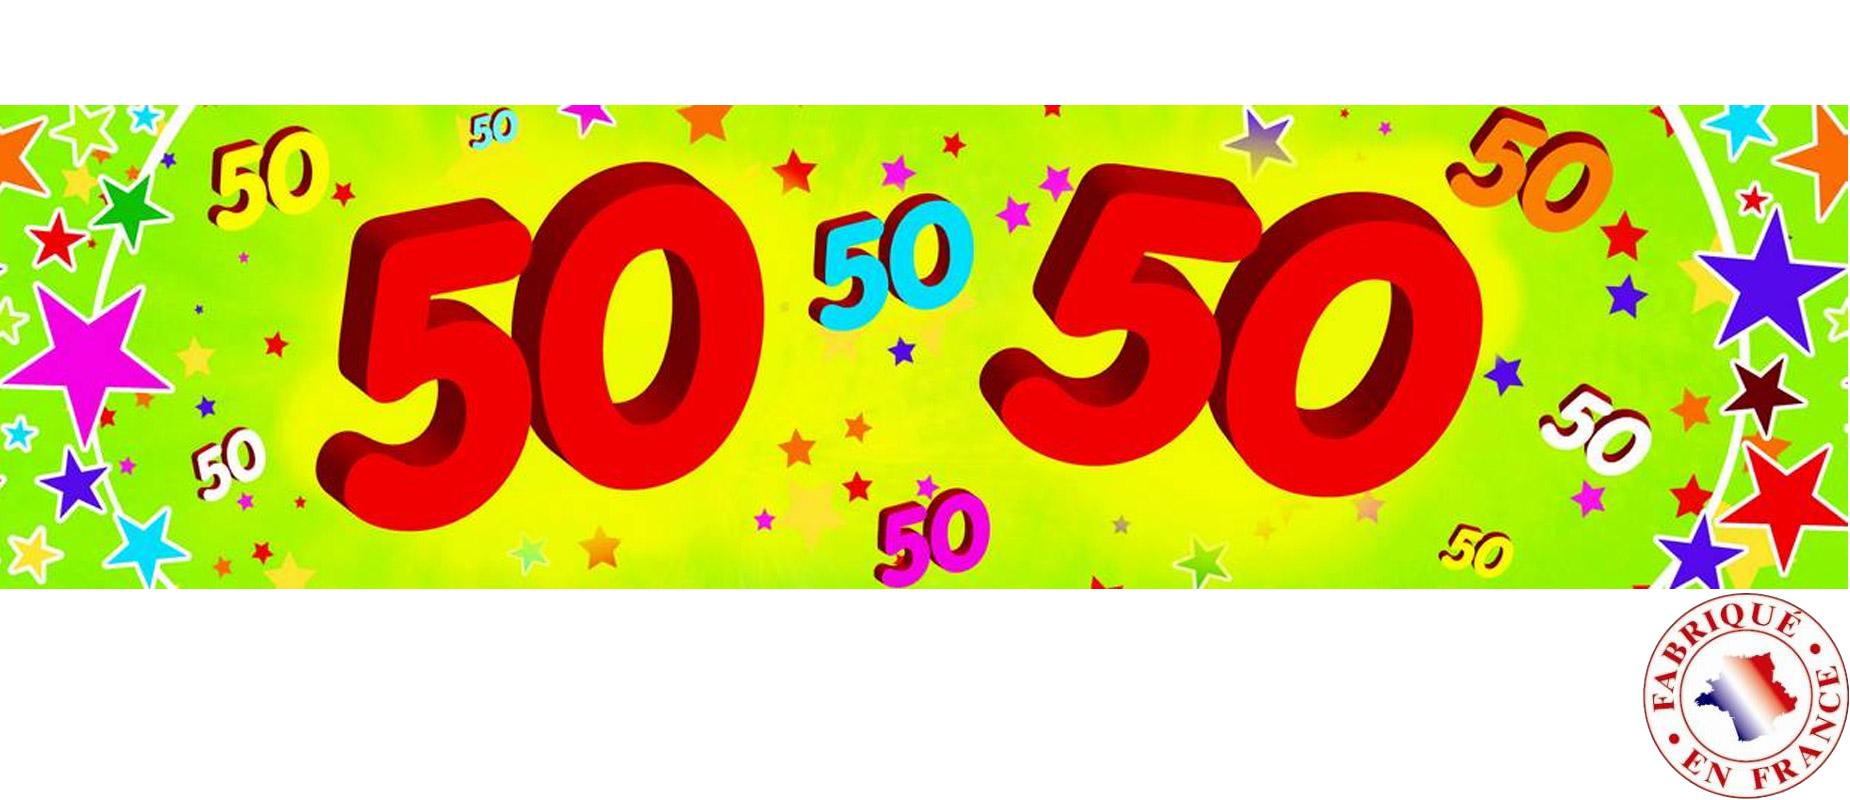 banderole papier 50 ans 0 16 x 2 44 m deguise toi achat de decoration animation. Black Bedroom Furniture Sets. Home Design Ideas